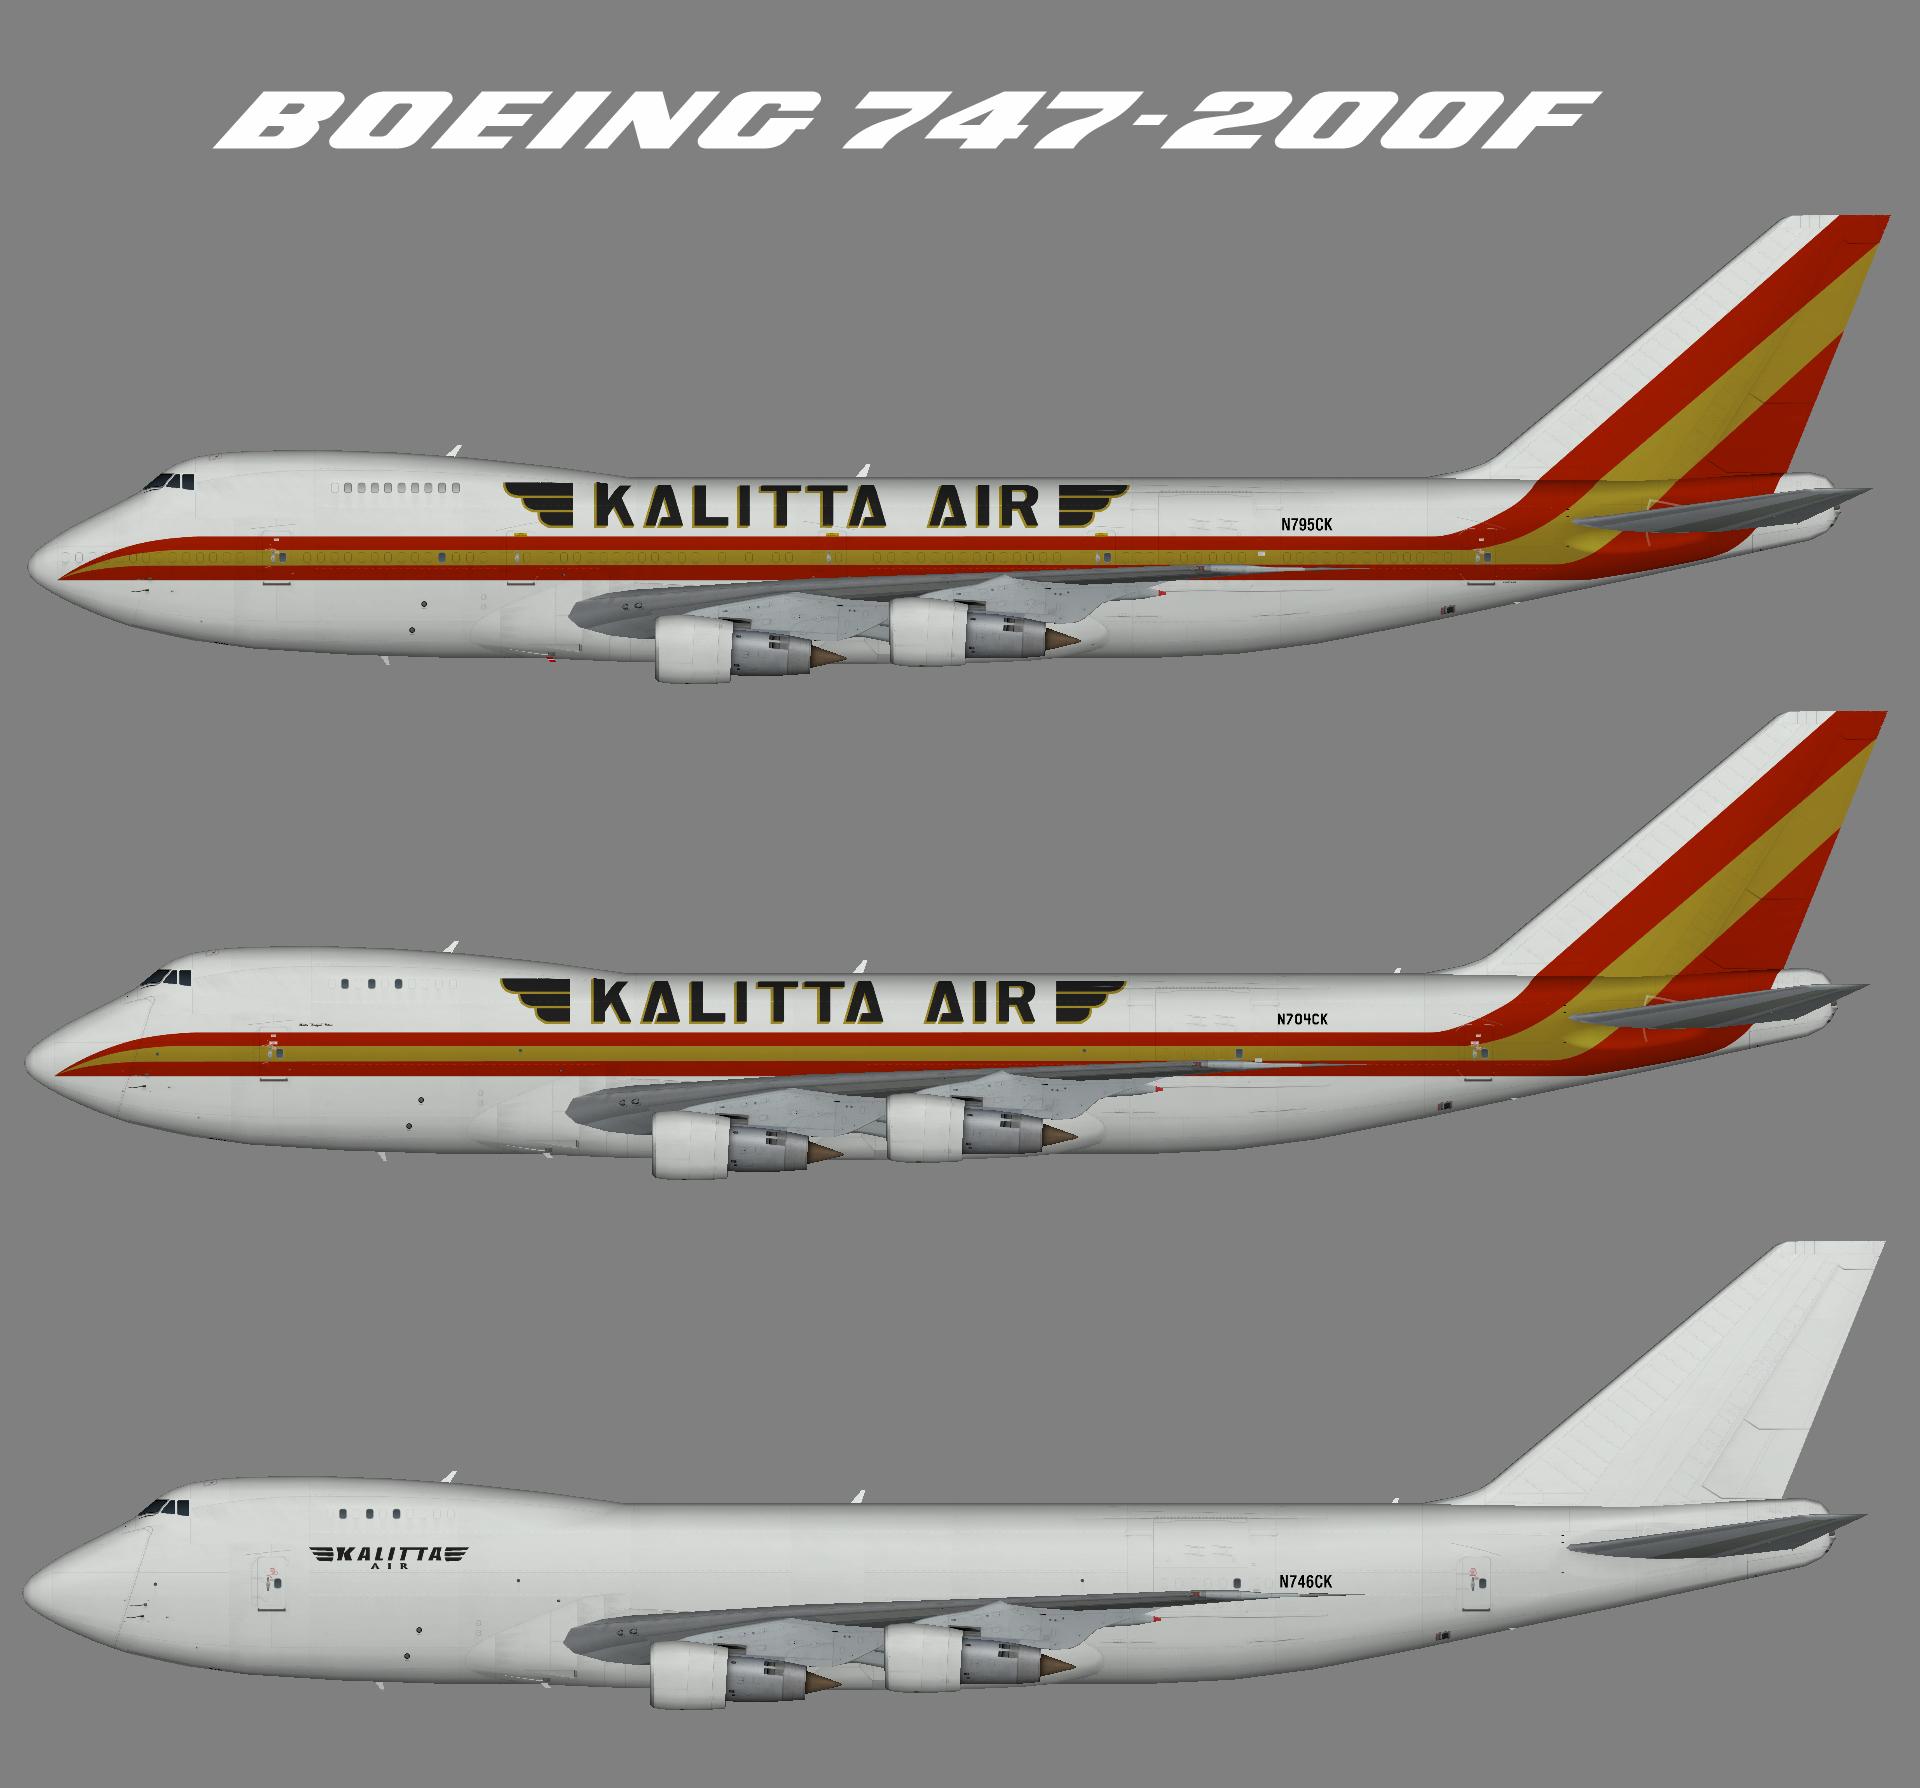 Kalitta Air Boeing 747-200F